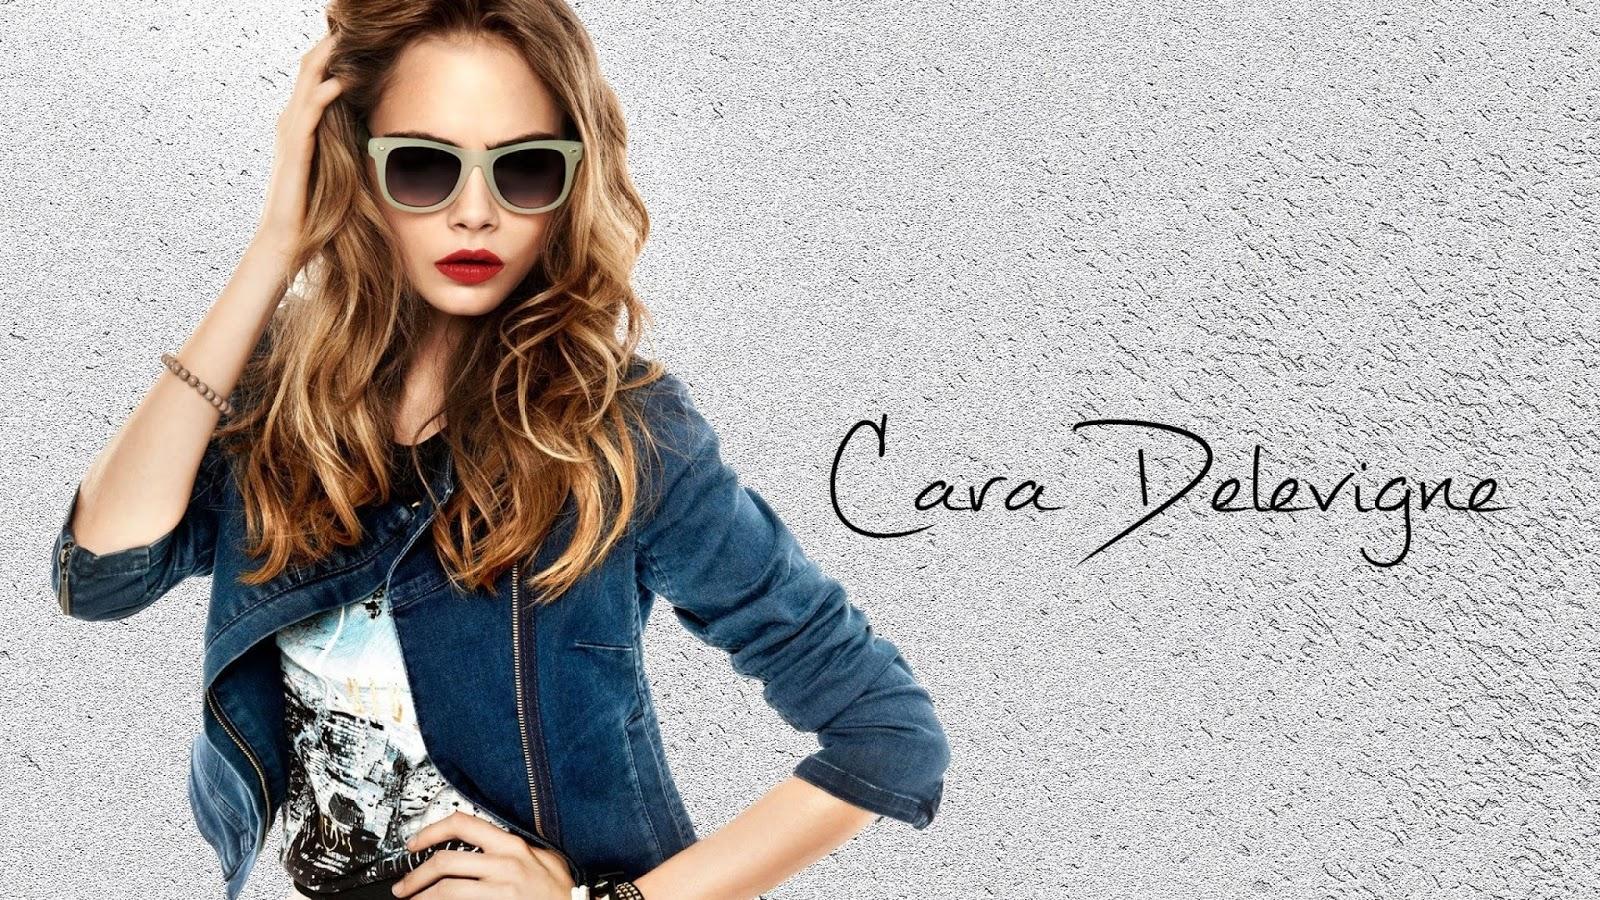 super model cara delevingne wallpaper -#main